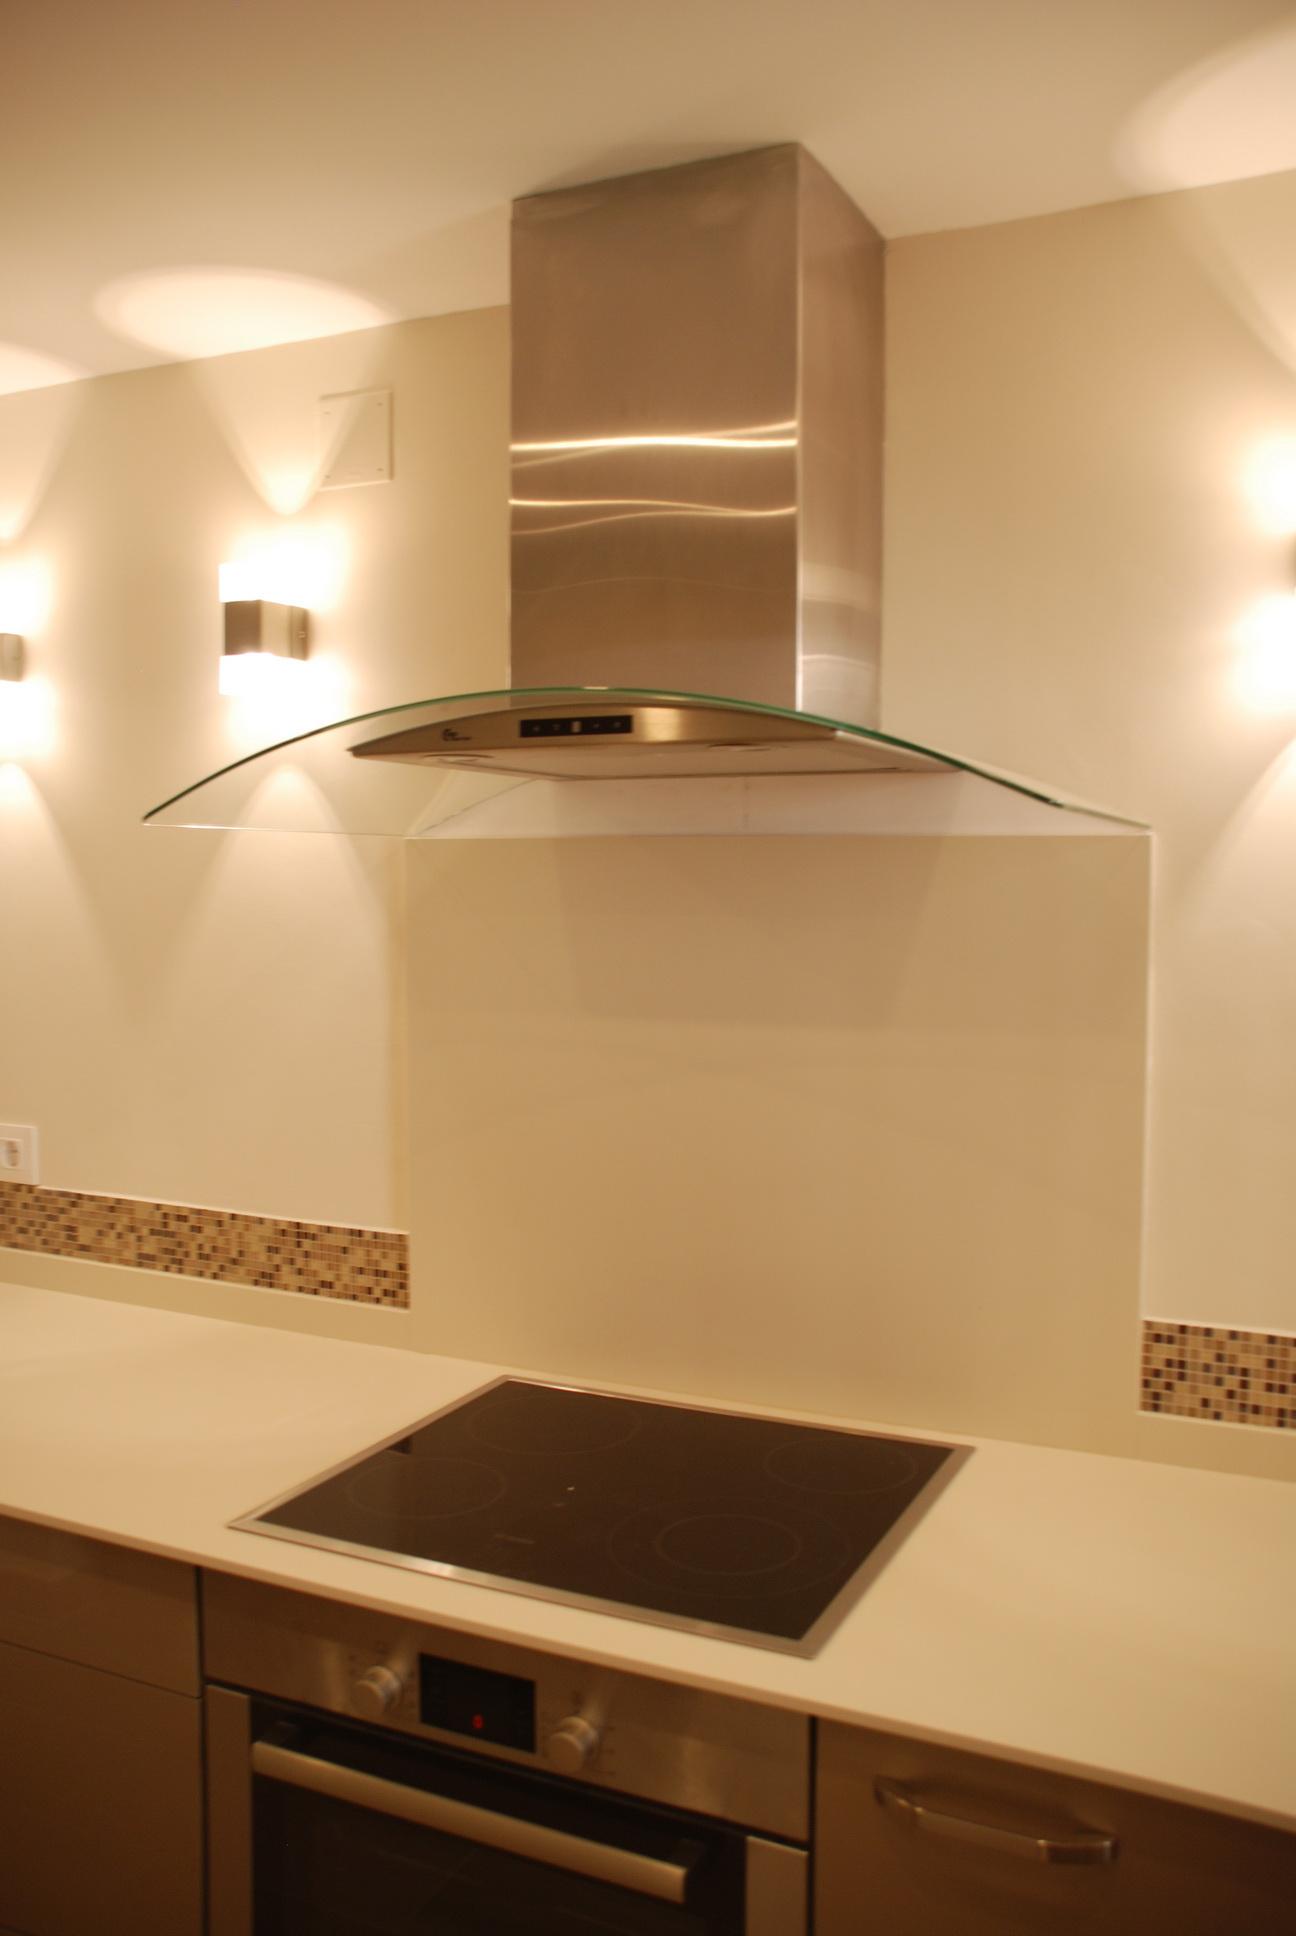 Casa Interior Küchentime Xeno 2